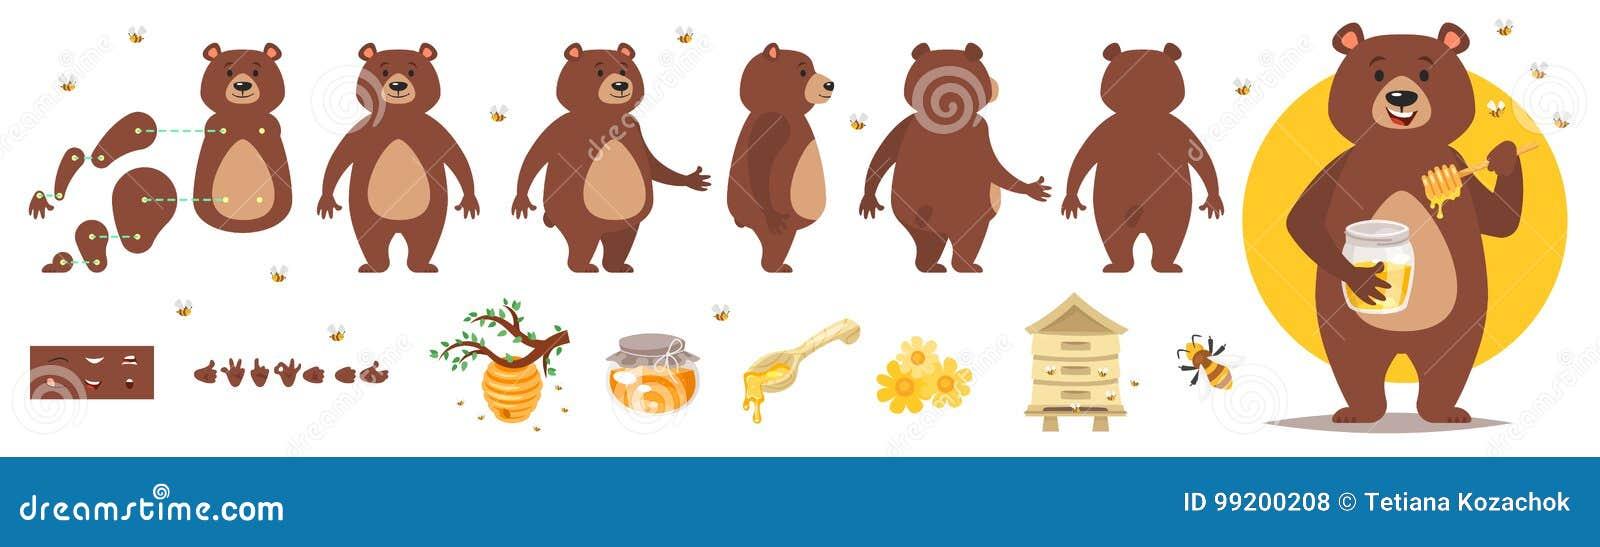 Carattere dell orso per l animazione